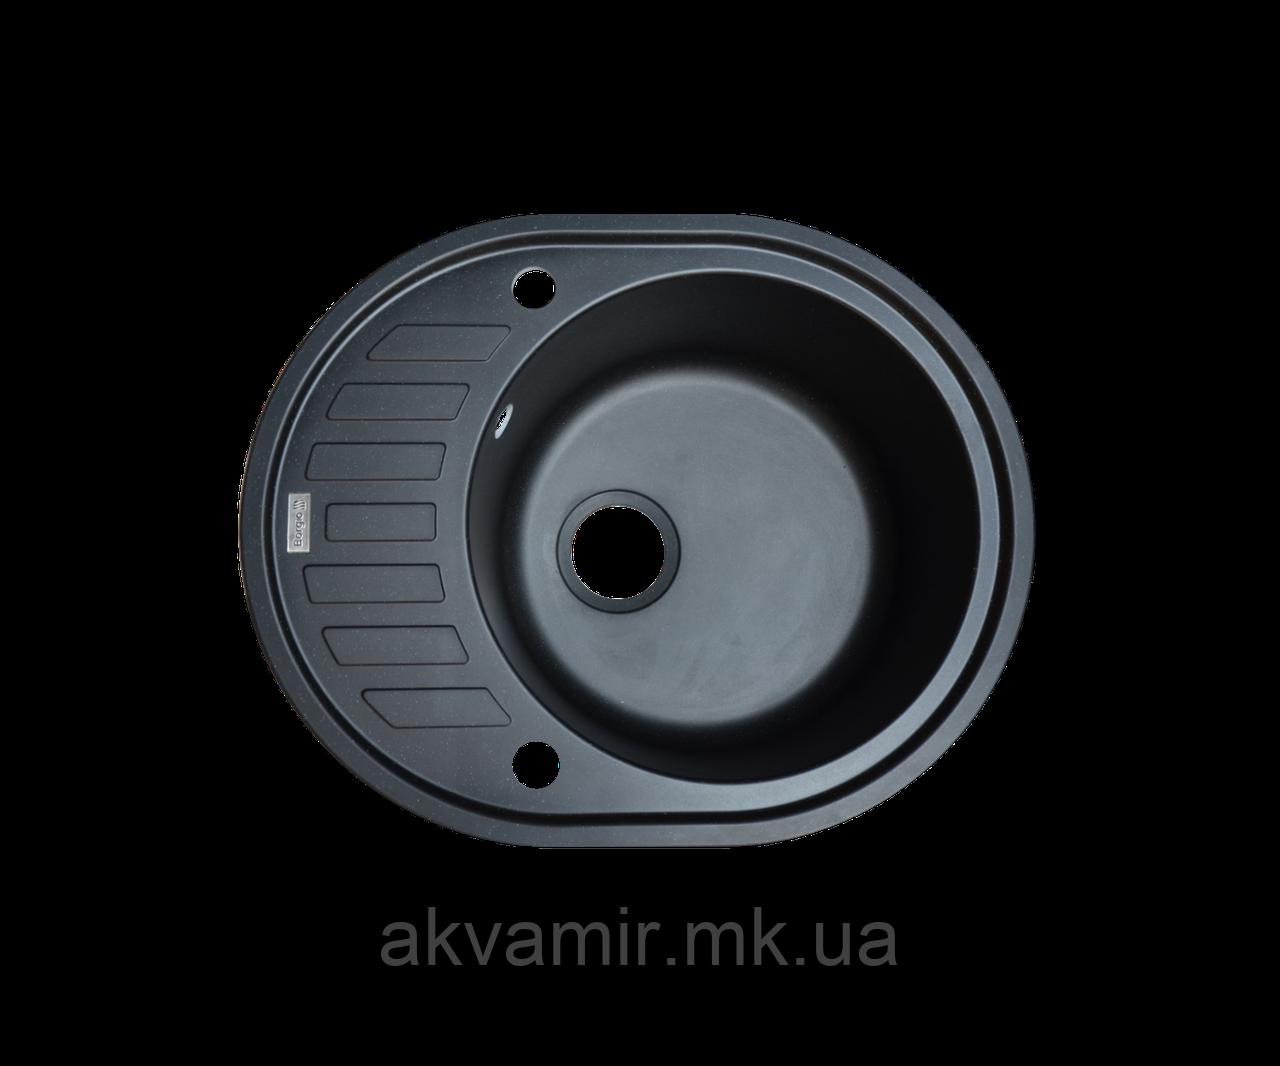 Кухонная мойка Borgio (гранит) OVM-620x500 (черный)